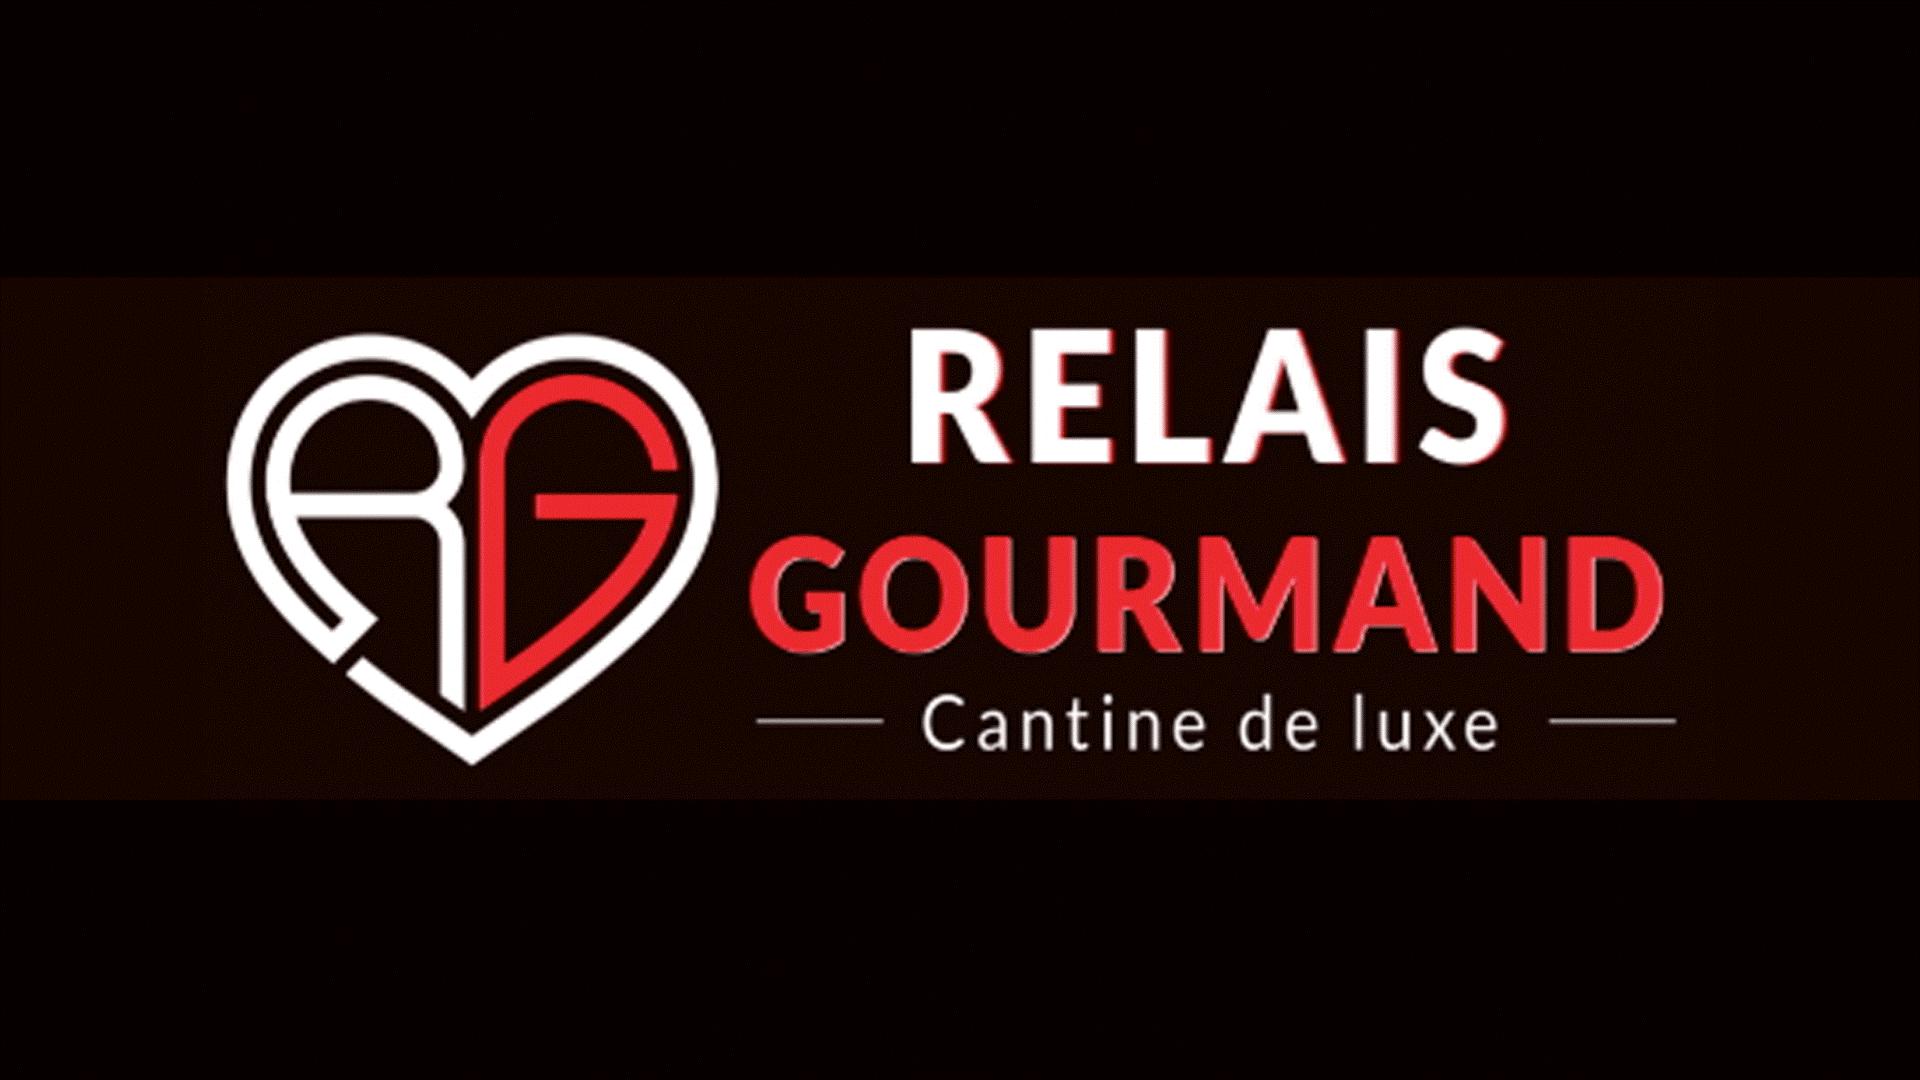 Relais Gourmand Cantine de Luxe